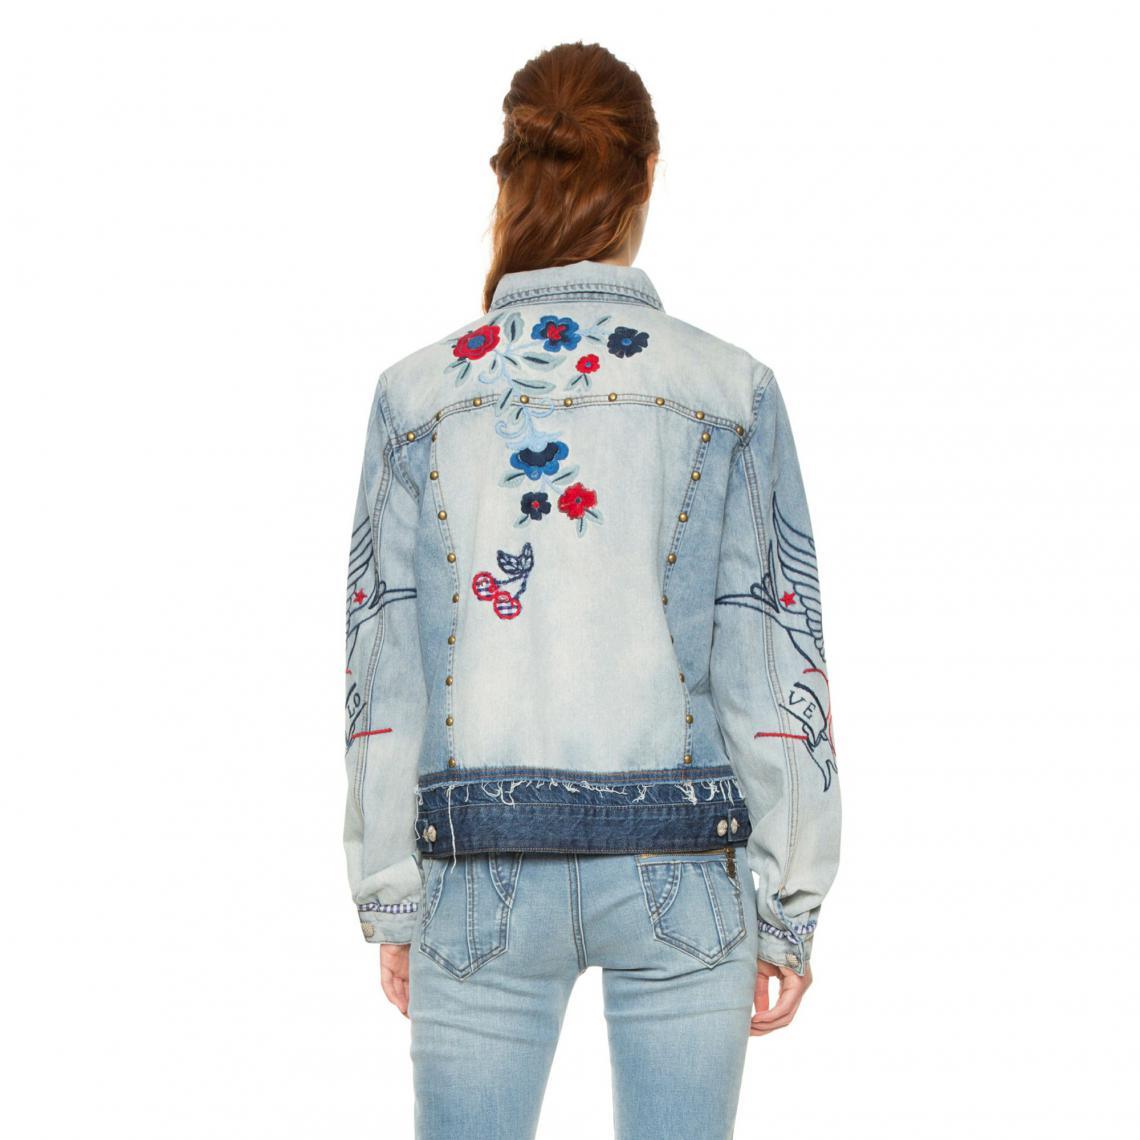 f2e1aca54 Veste en jean femme Desigual - Bleu | 3 SUISSES